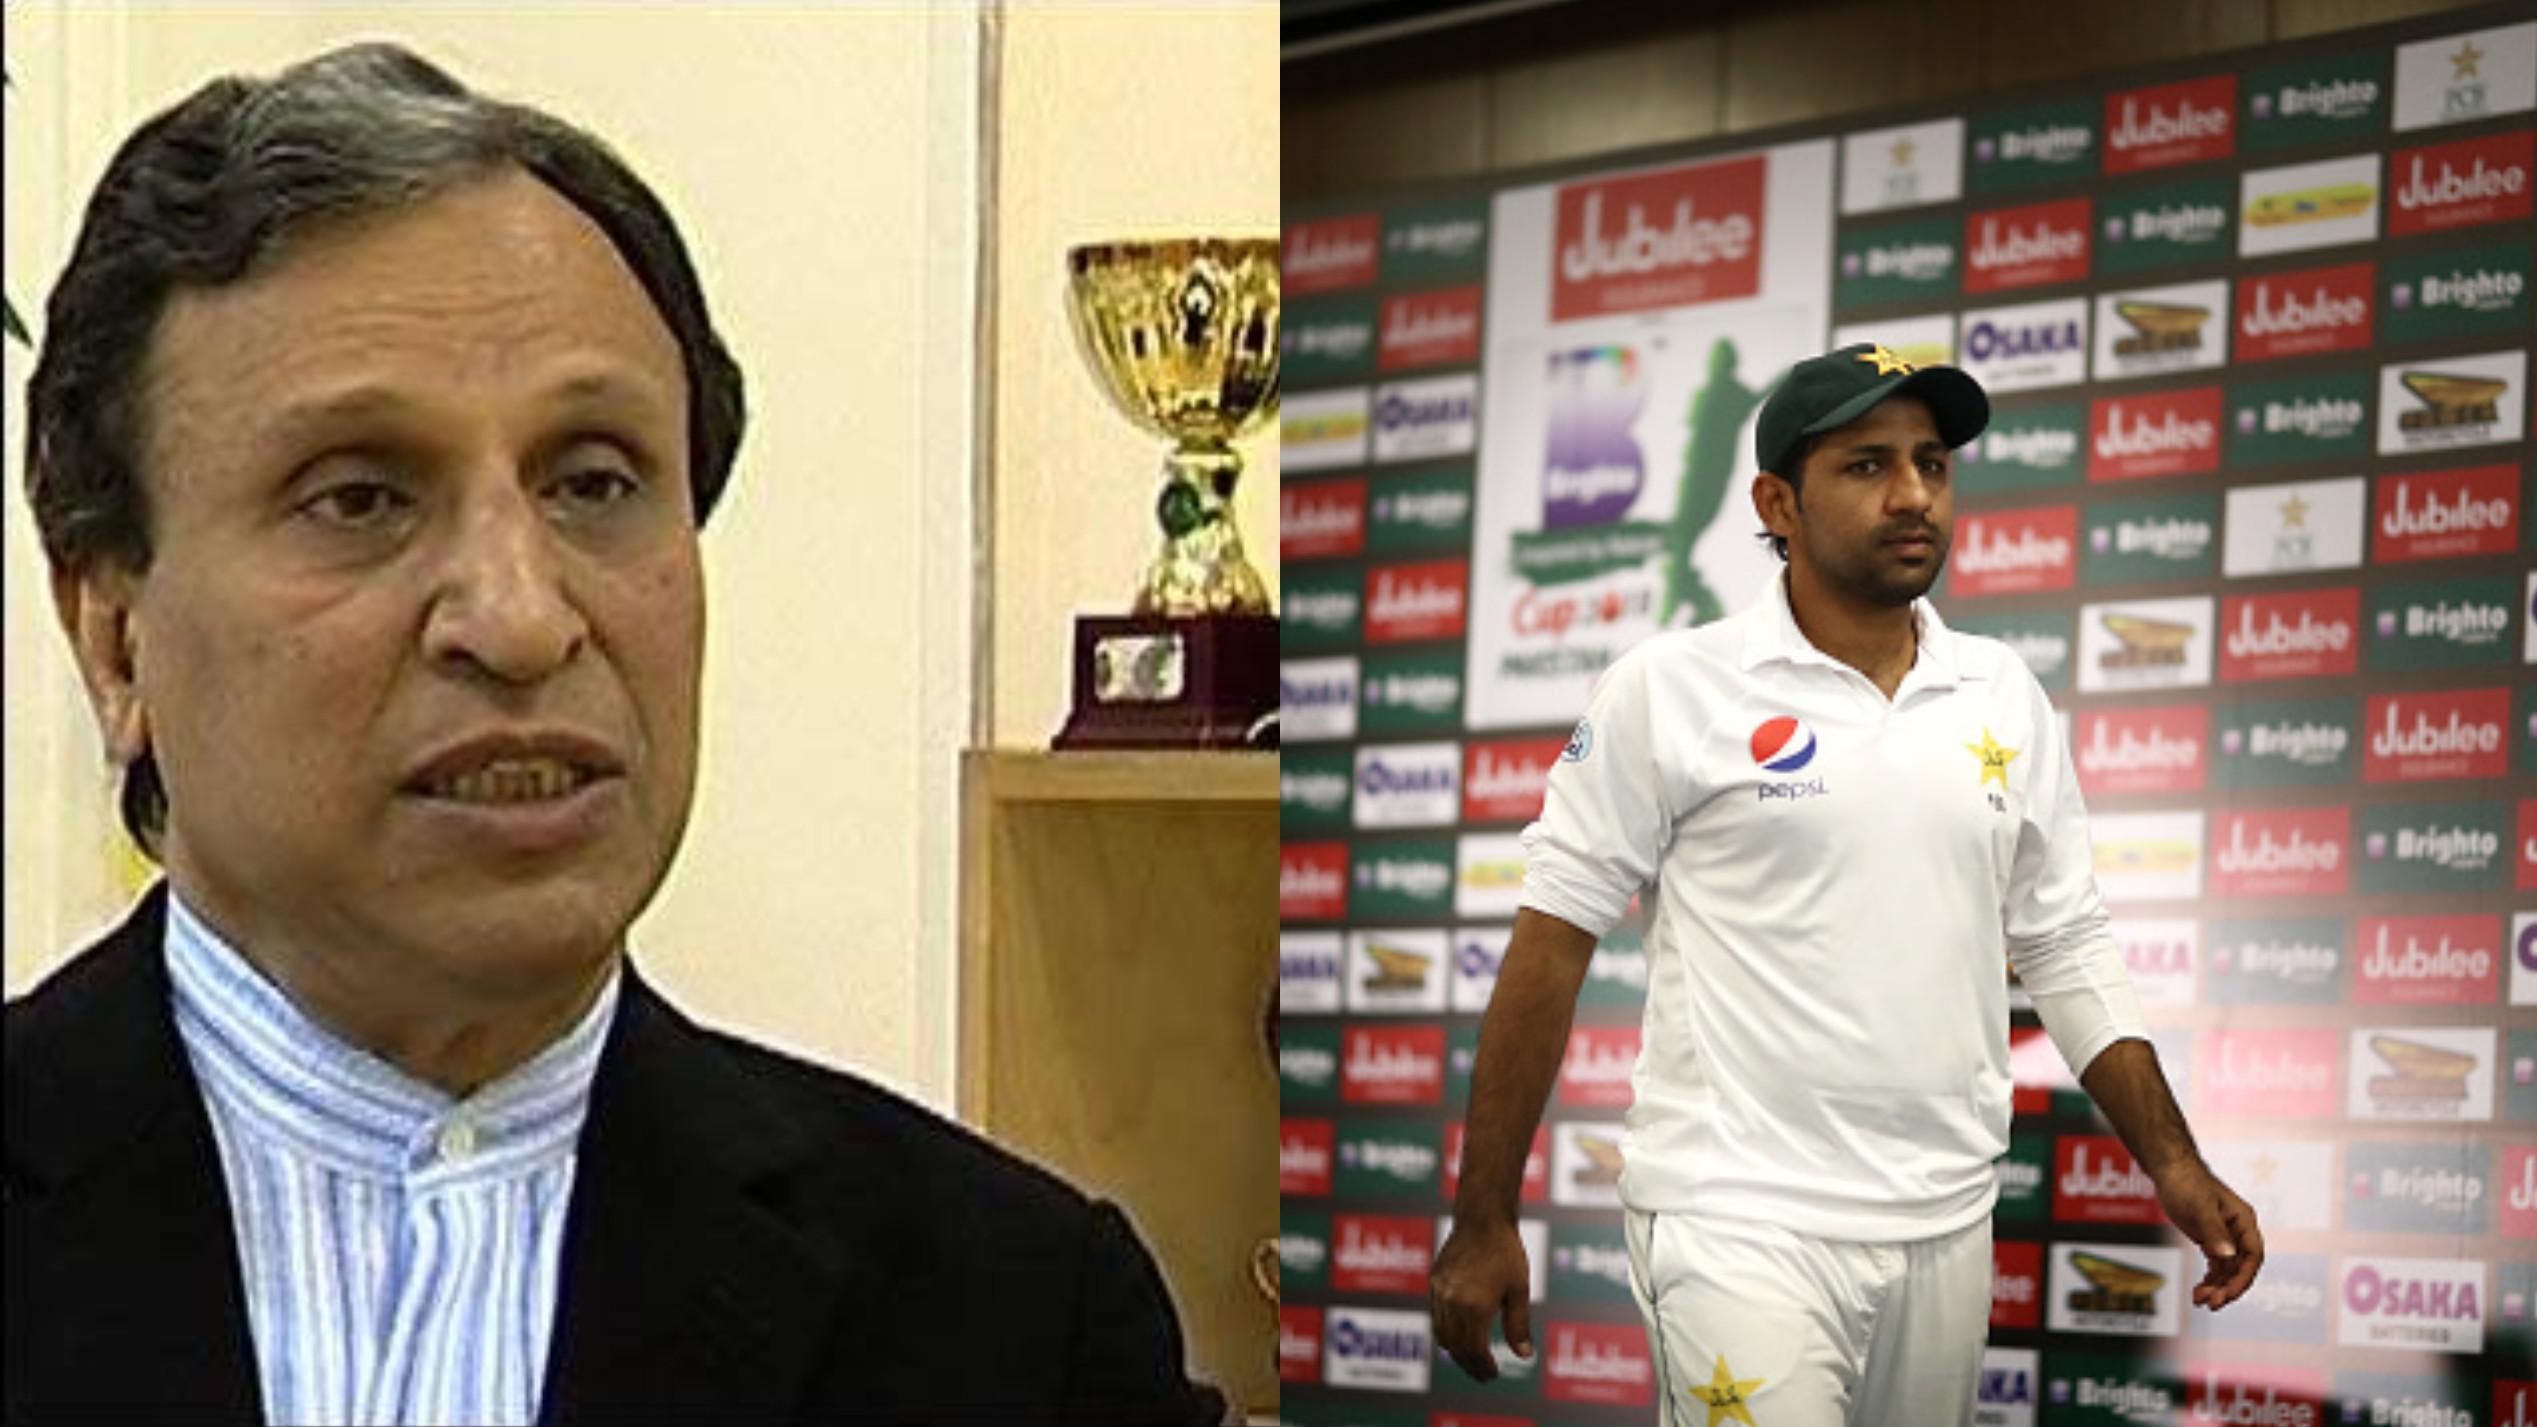 असिफ इकबाल ने कहा सरफराज अहमद को टेस्ट कप्तानी से मुक्त किया जाये